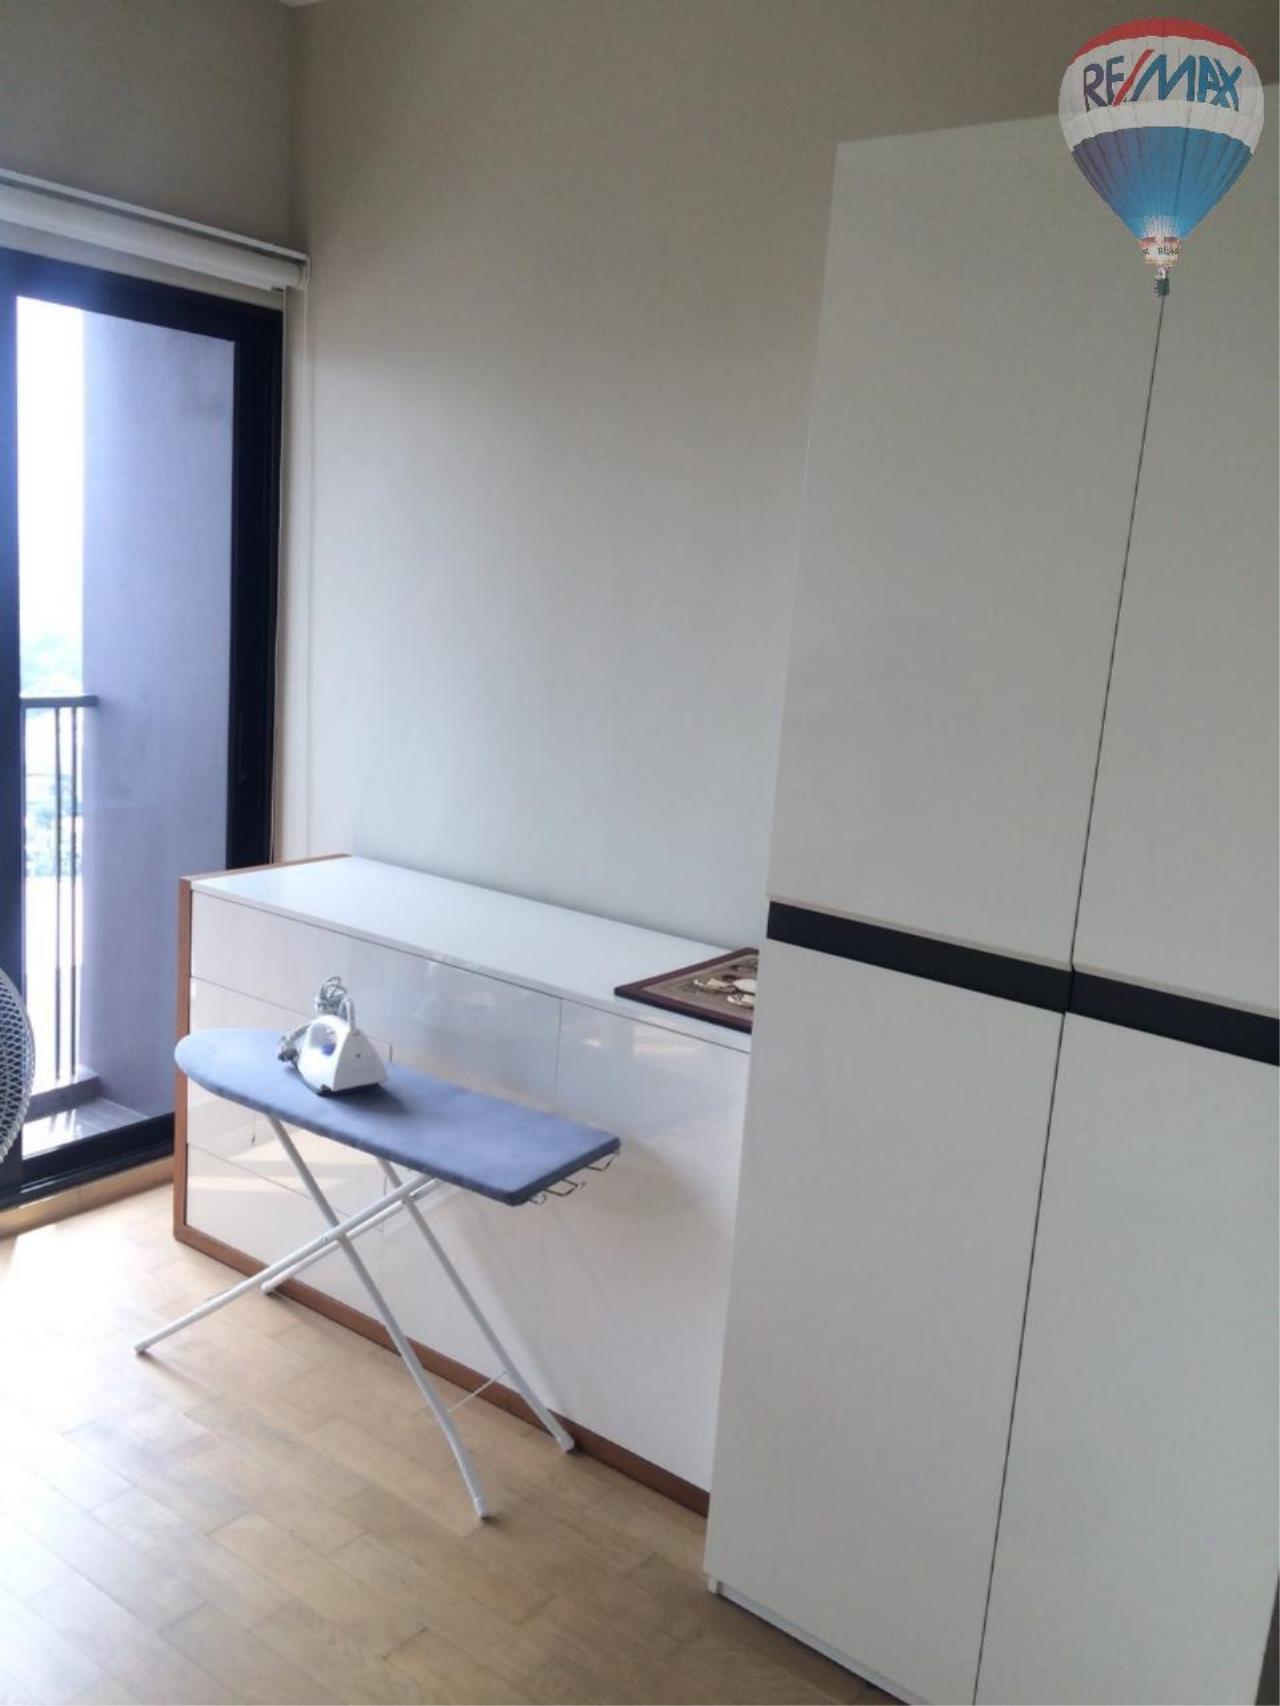 RE/MAX Properties Agency's Noble Reveal in Ekkamai 11